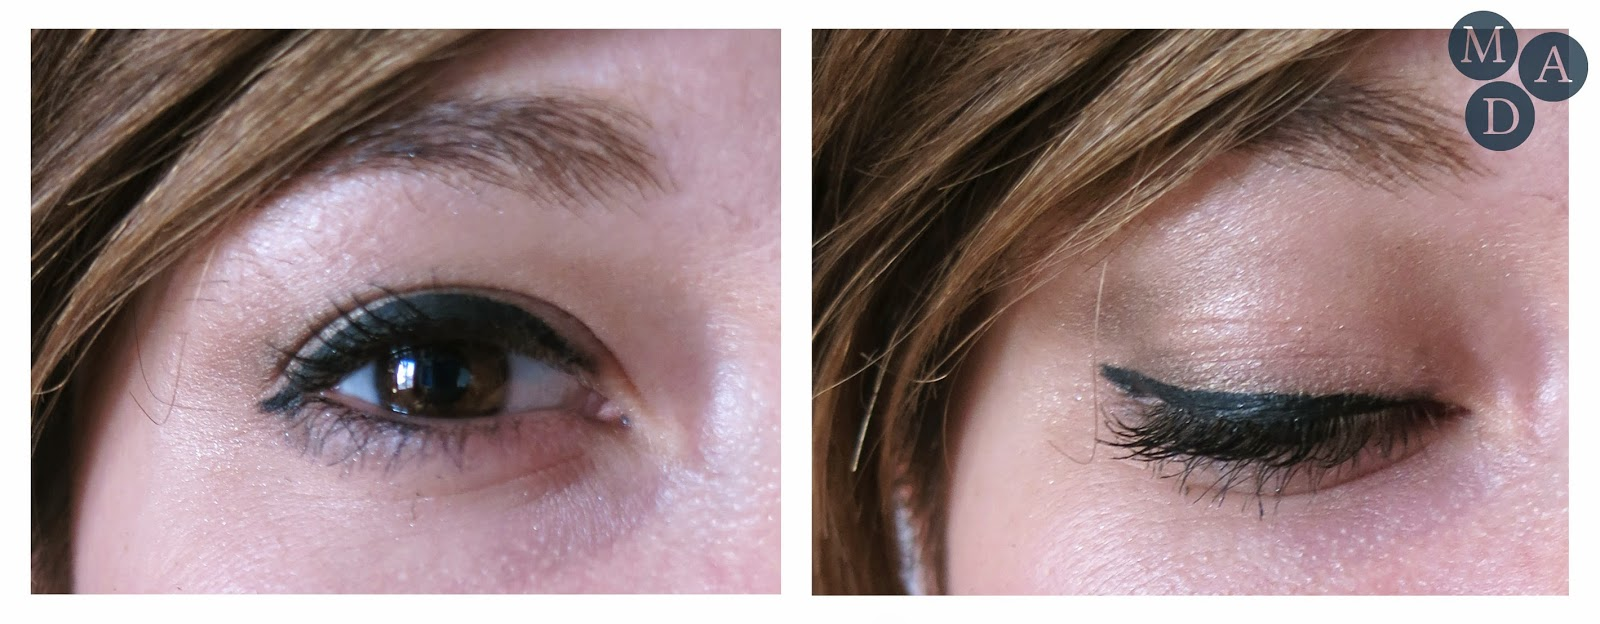 Exceptionnel M.A.D.: Comment agrandir ses petit yeux? LK36